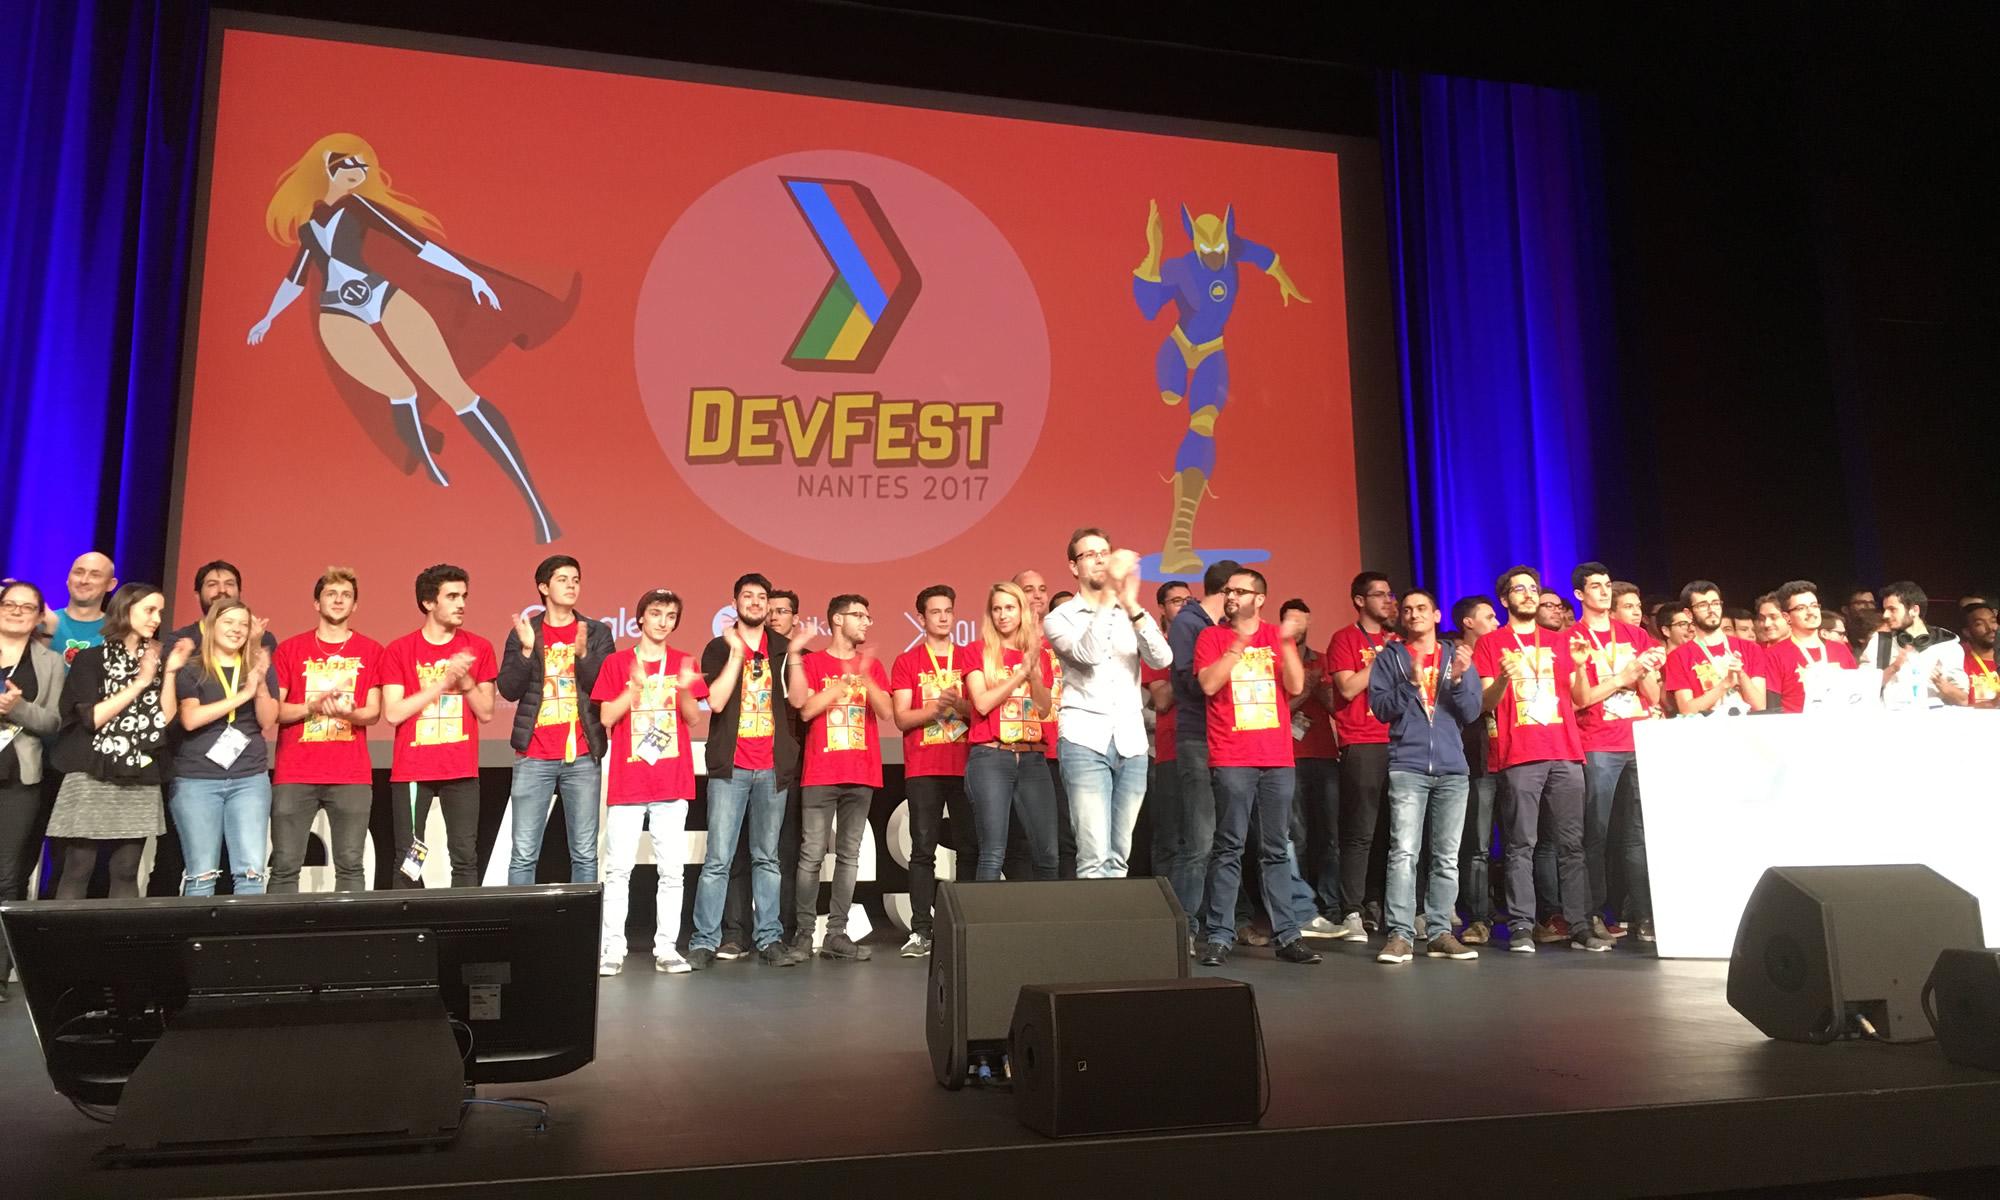 devfest-2017-final.jpg